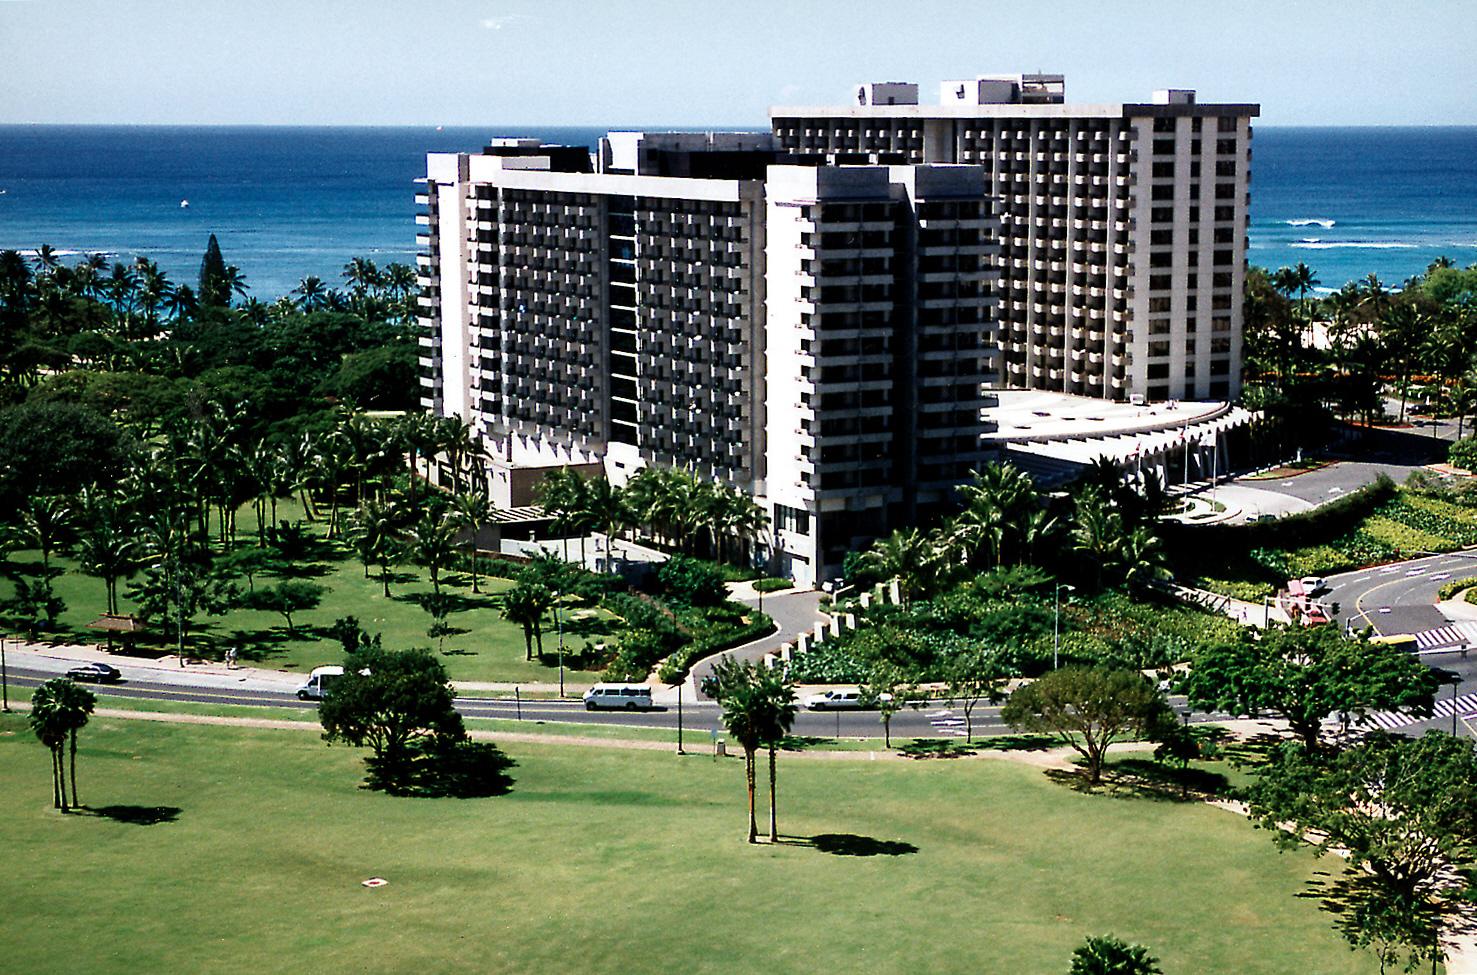 Waikiki Hotel Rooms